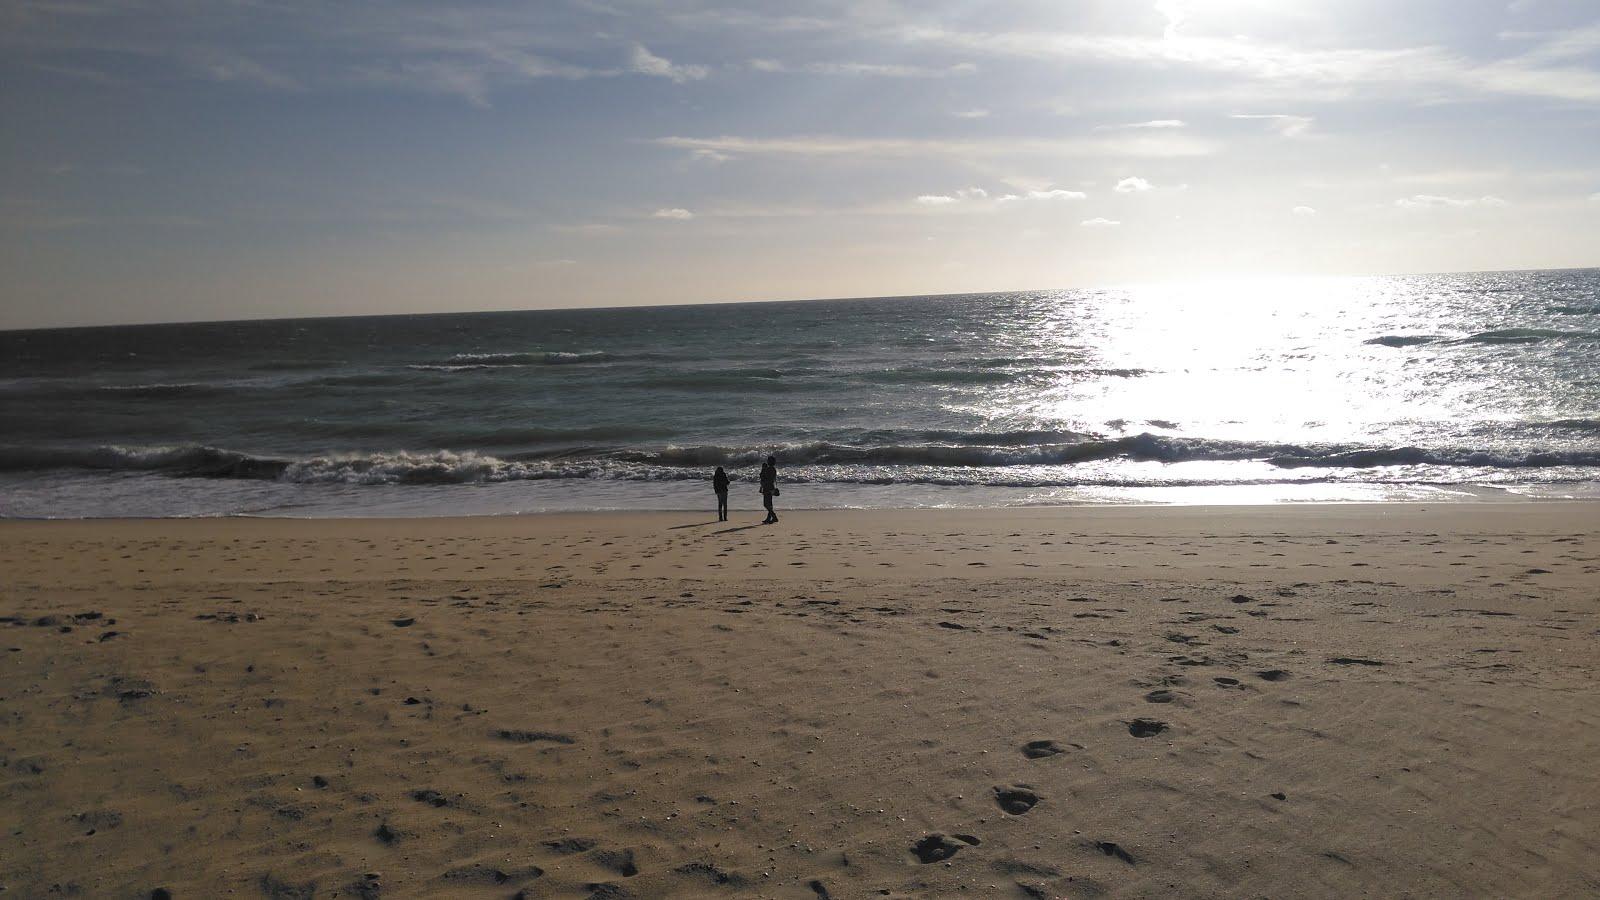 Praia, adoro!